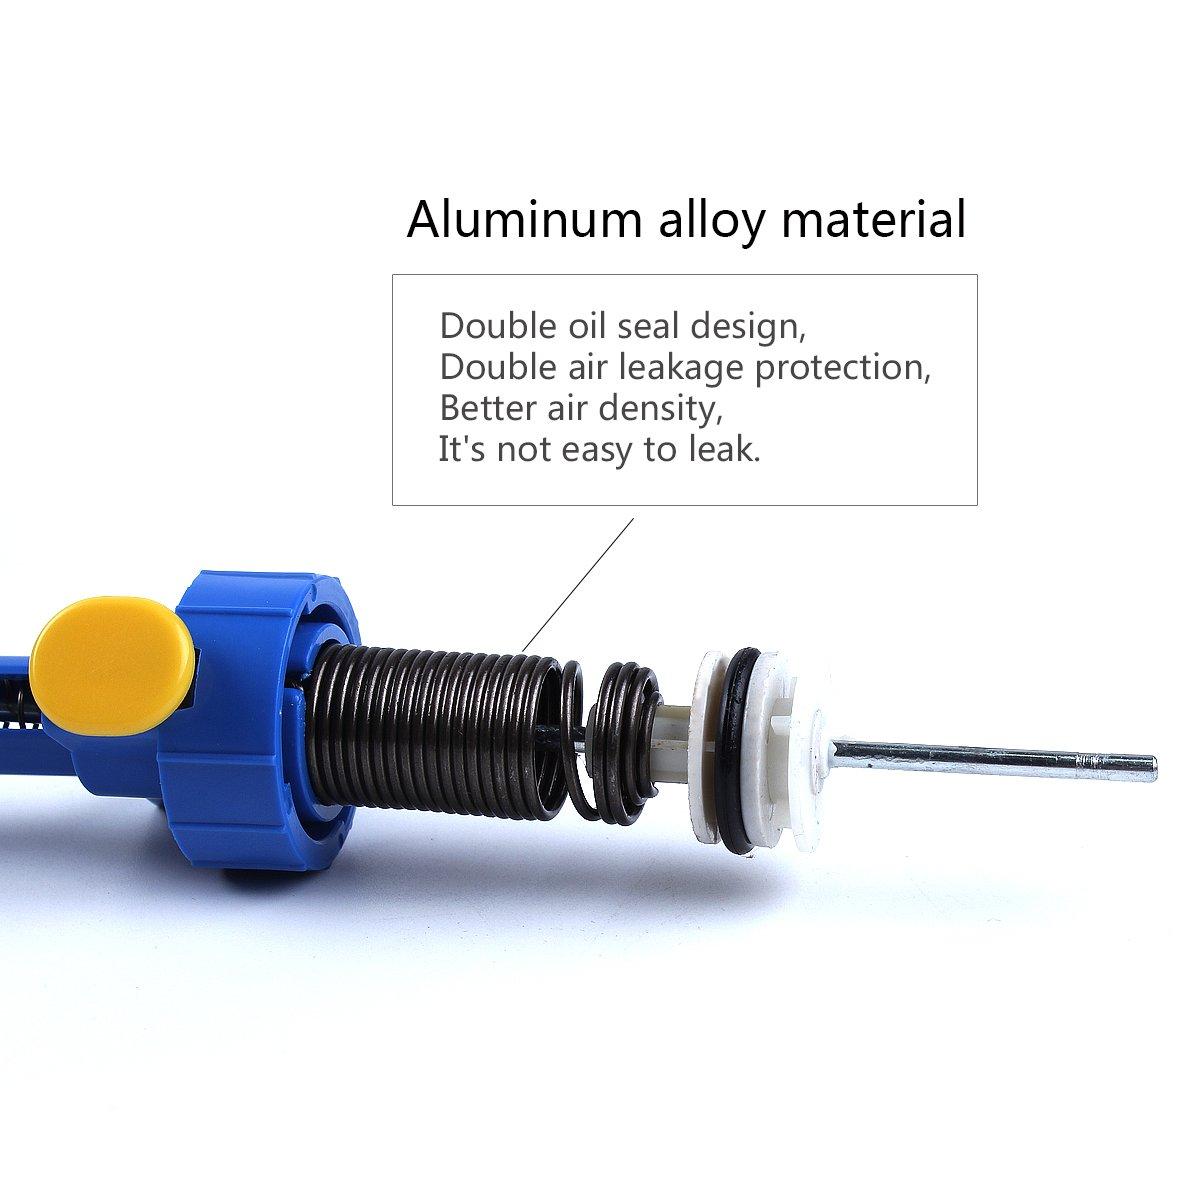 Safety Professional Desoldering Pump - Esste 275/330MM Solder Sucker Desoldering Pump Soldering Iron Removal Tin Bar Tool (L304017) by Esste (Image #5)